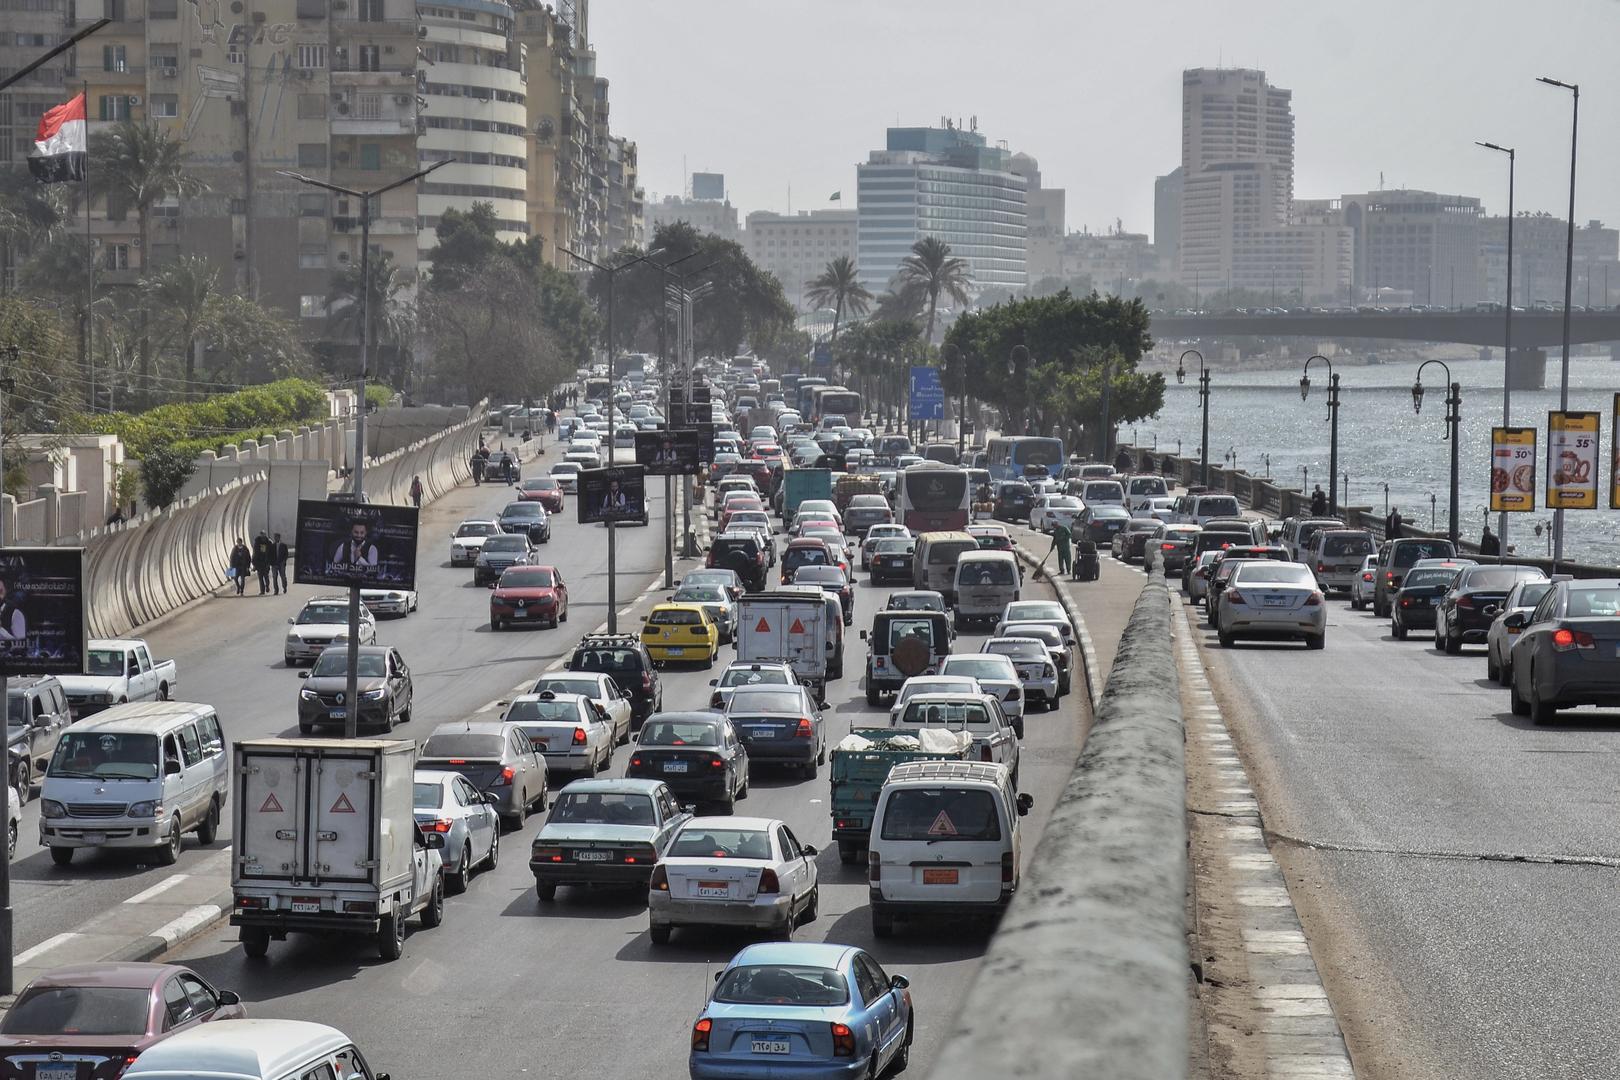 النيابة العامة المصرية تتخذ قرارا ضد المتسبب في إشاعة غرق ميكروباص في نهر النيل